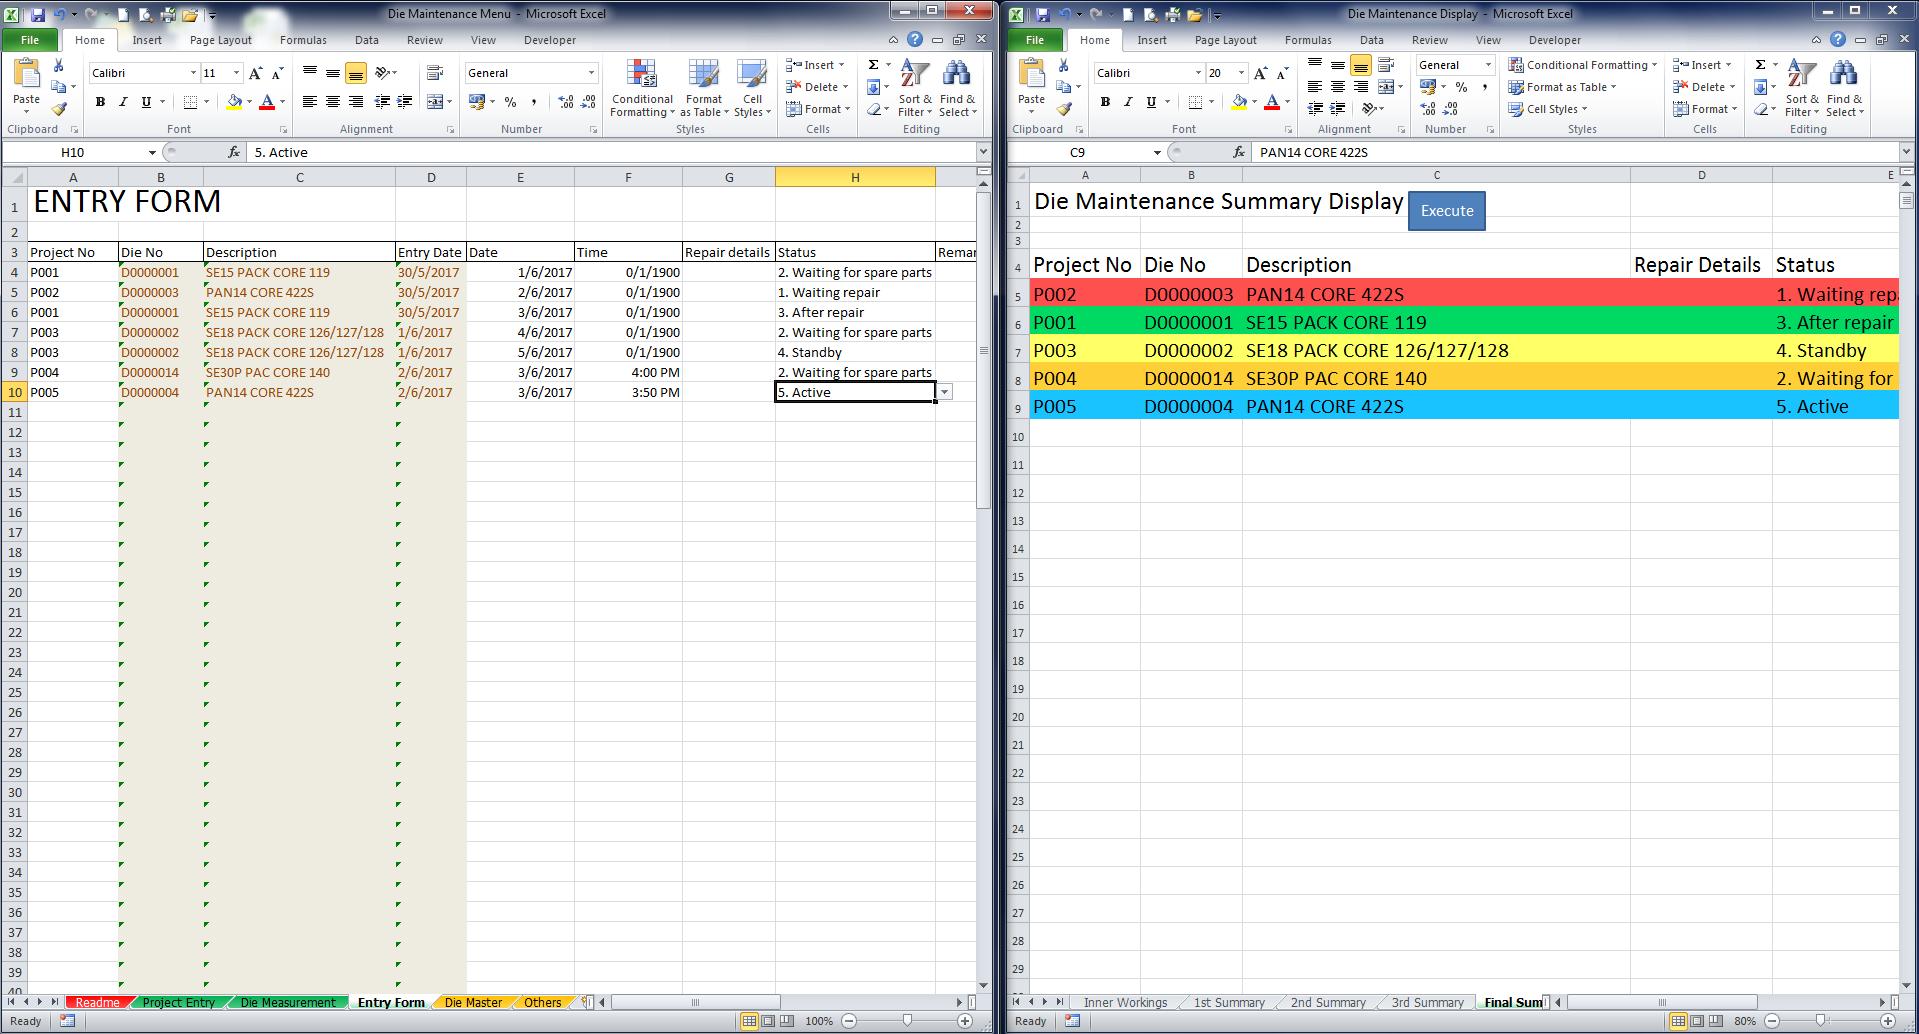 Letters Of Excel Vba Current Worksheet Intended For Excel Vba Current Worksheet Example